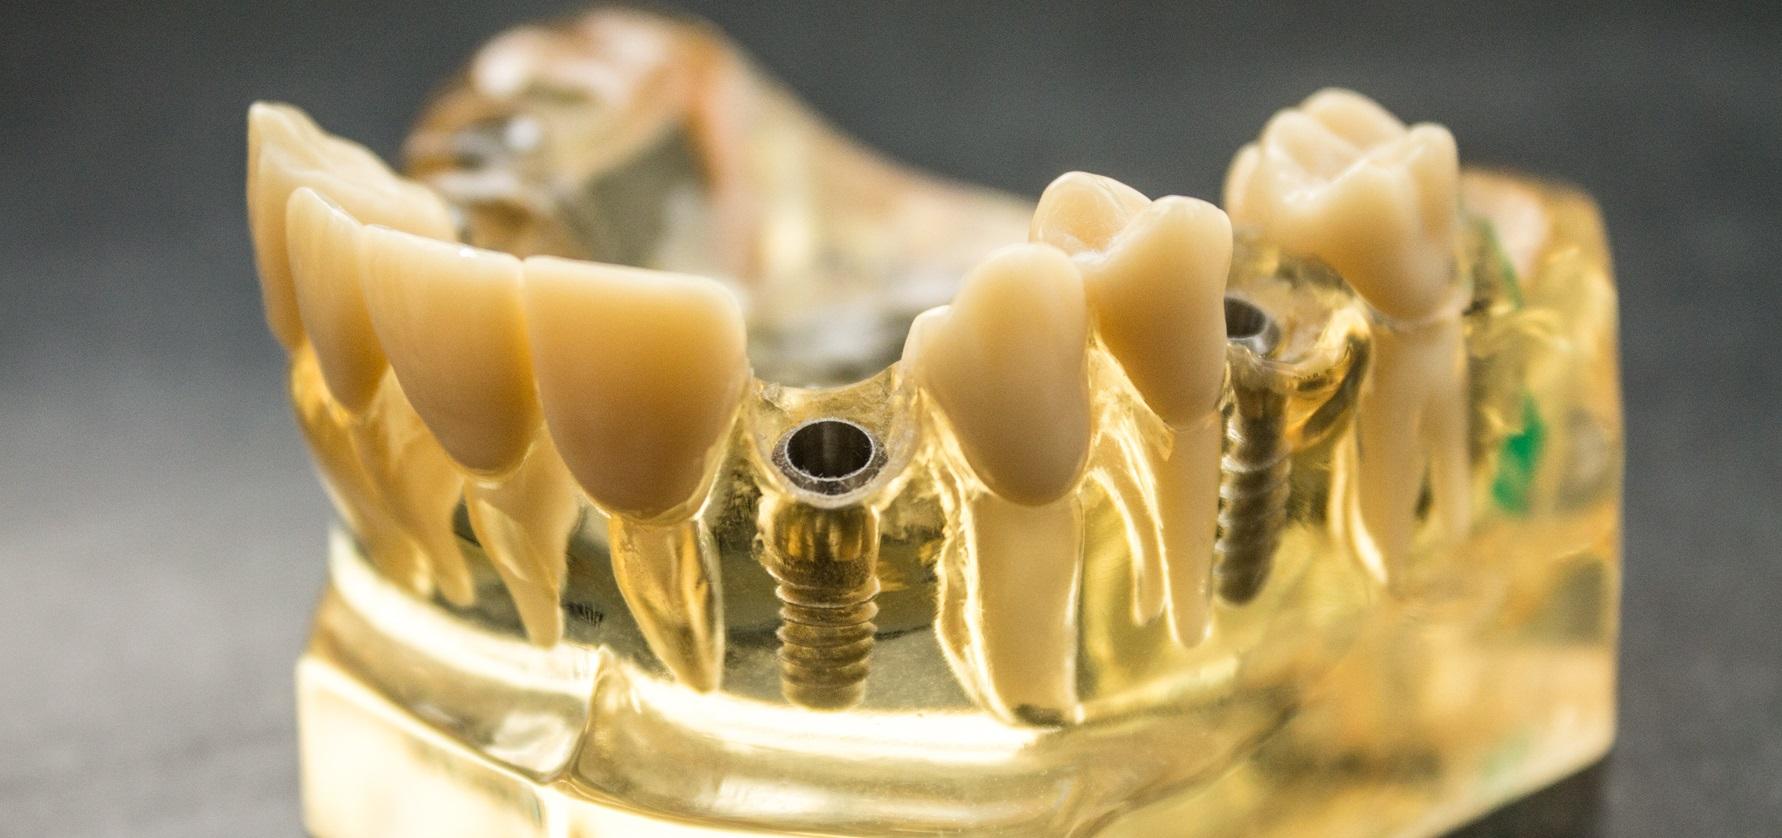 Plaatsing-protheses-in-gebit-door-tandheelkundigen-van-Zoetermeers-Tandtechnisch-Laboratorium-Zoetermeer-tandarts-Zoetermeer-praktijk